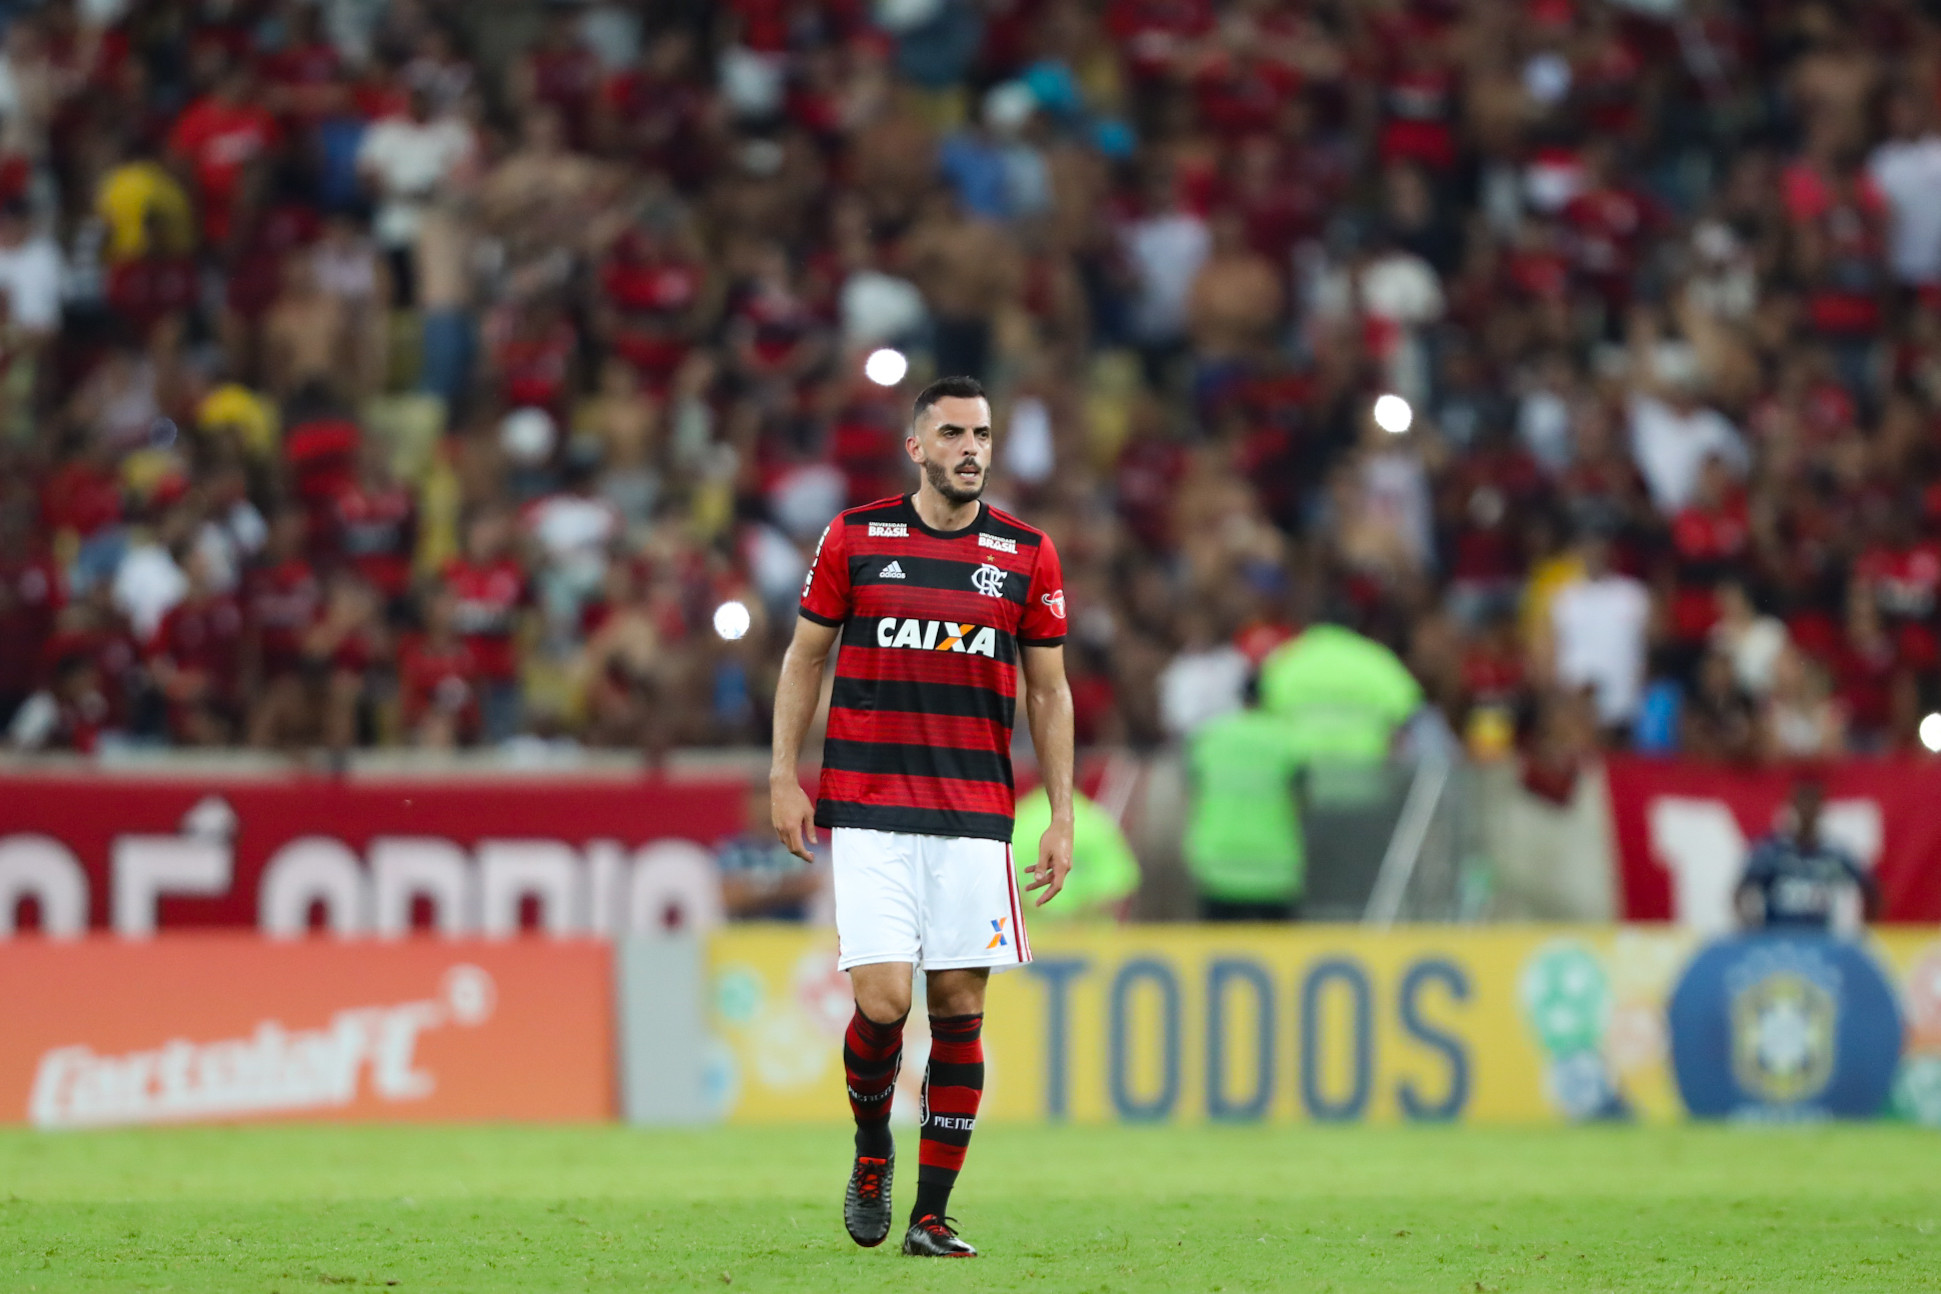 Paranaense, Rhodolfo vibra com retorno ao Flamengo e rechaça possibilidade de jogo fácil com Paraná